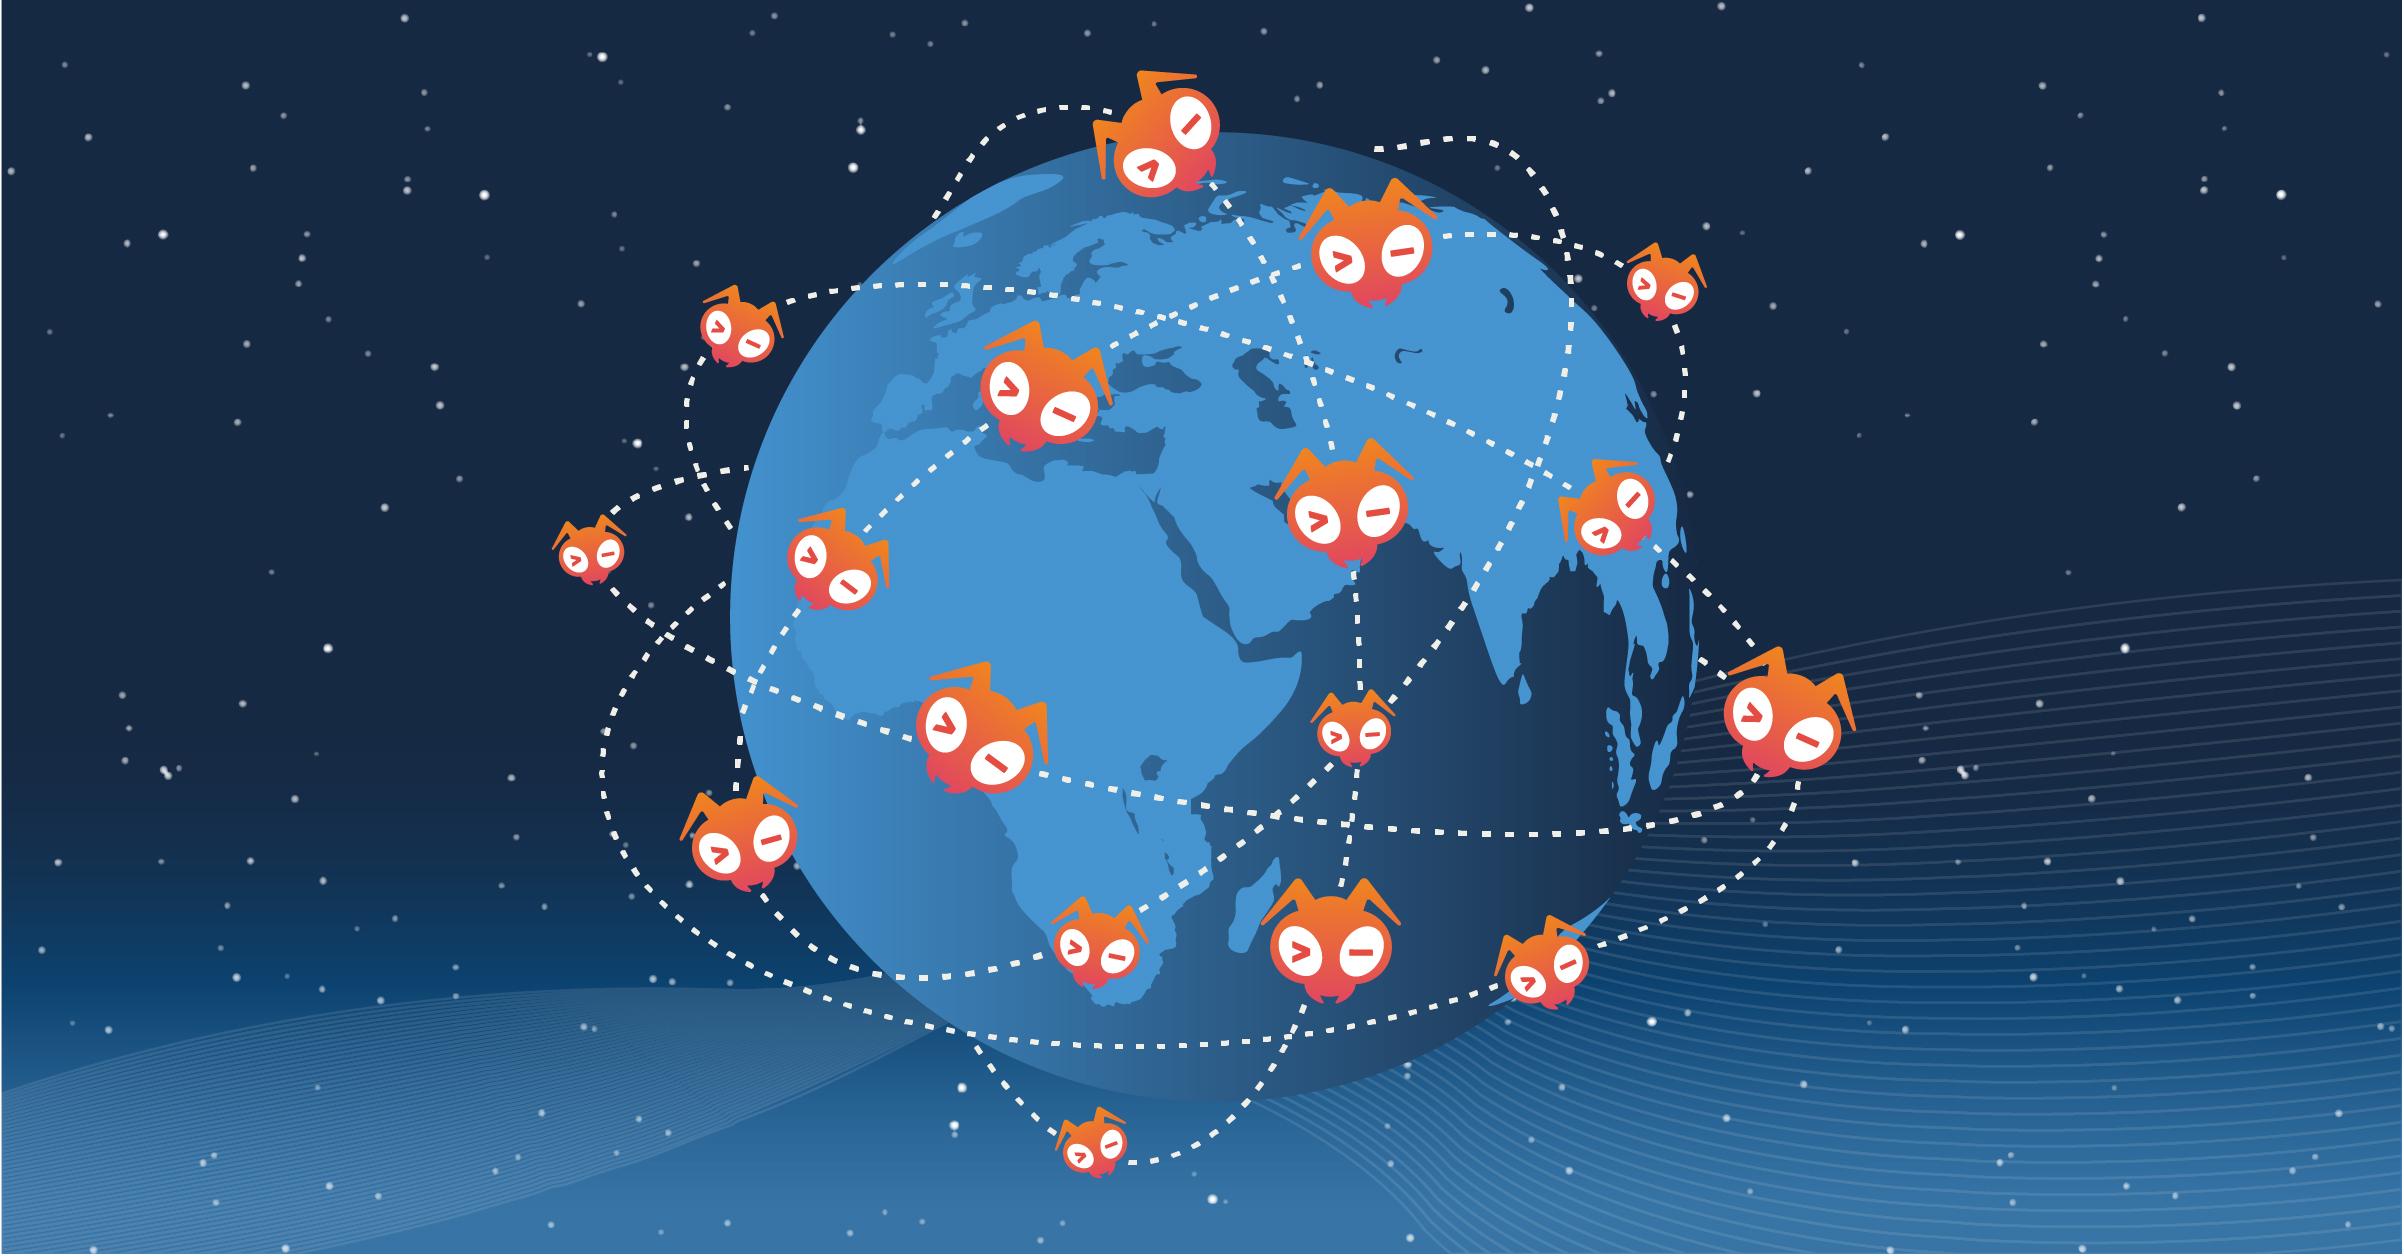 Giant Swarm's giant network image thumbnail